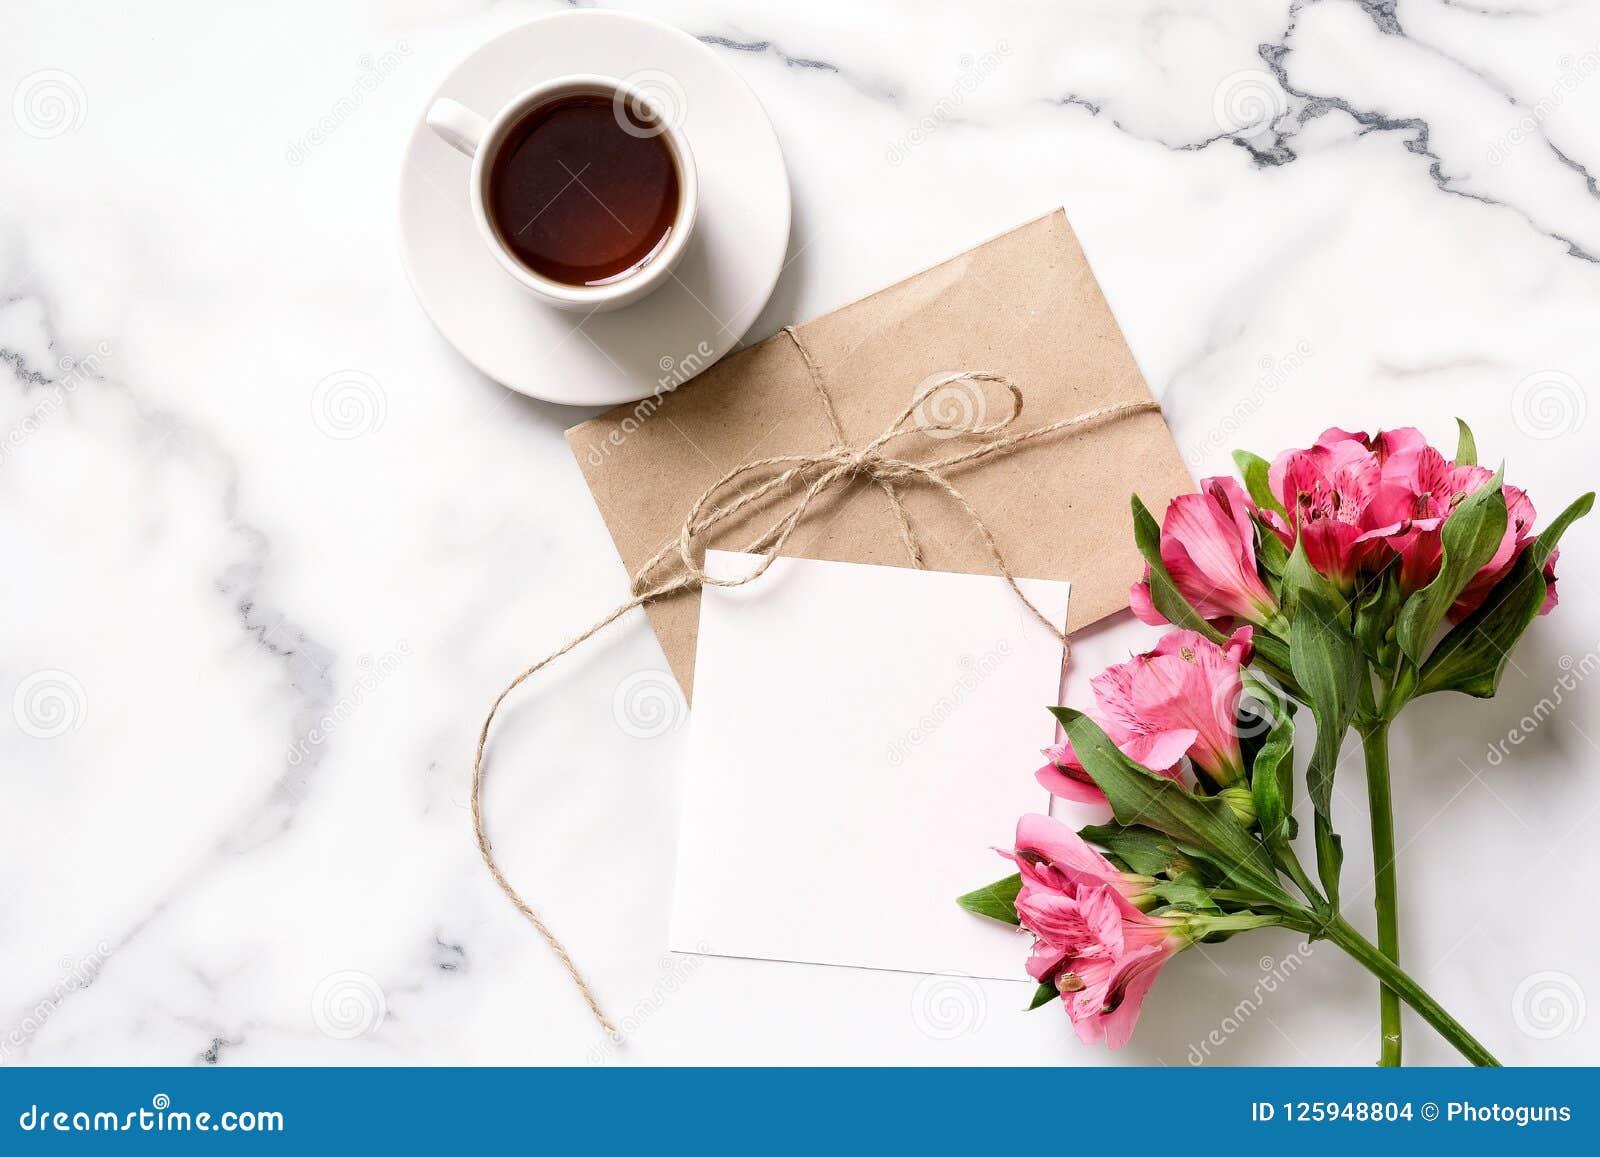 Marmeren bureau met roze bloemen, prentbriefkaar, kraftpapier-envelop, streng, katoenen tak